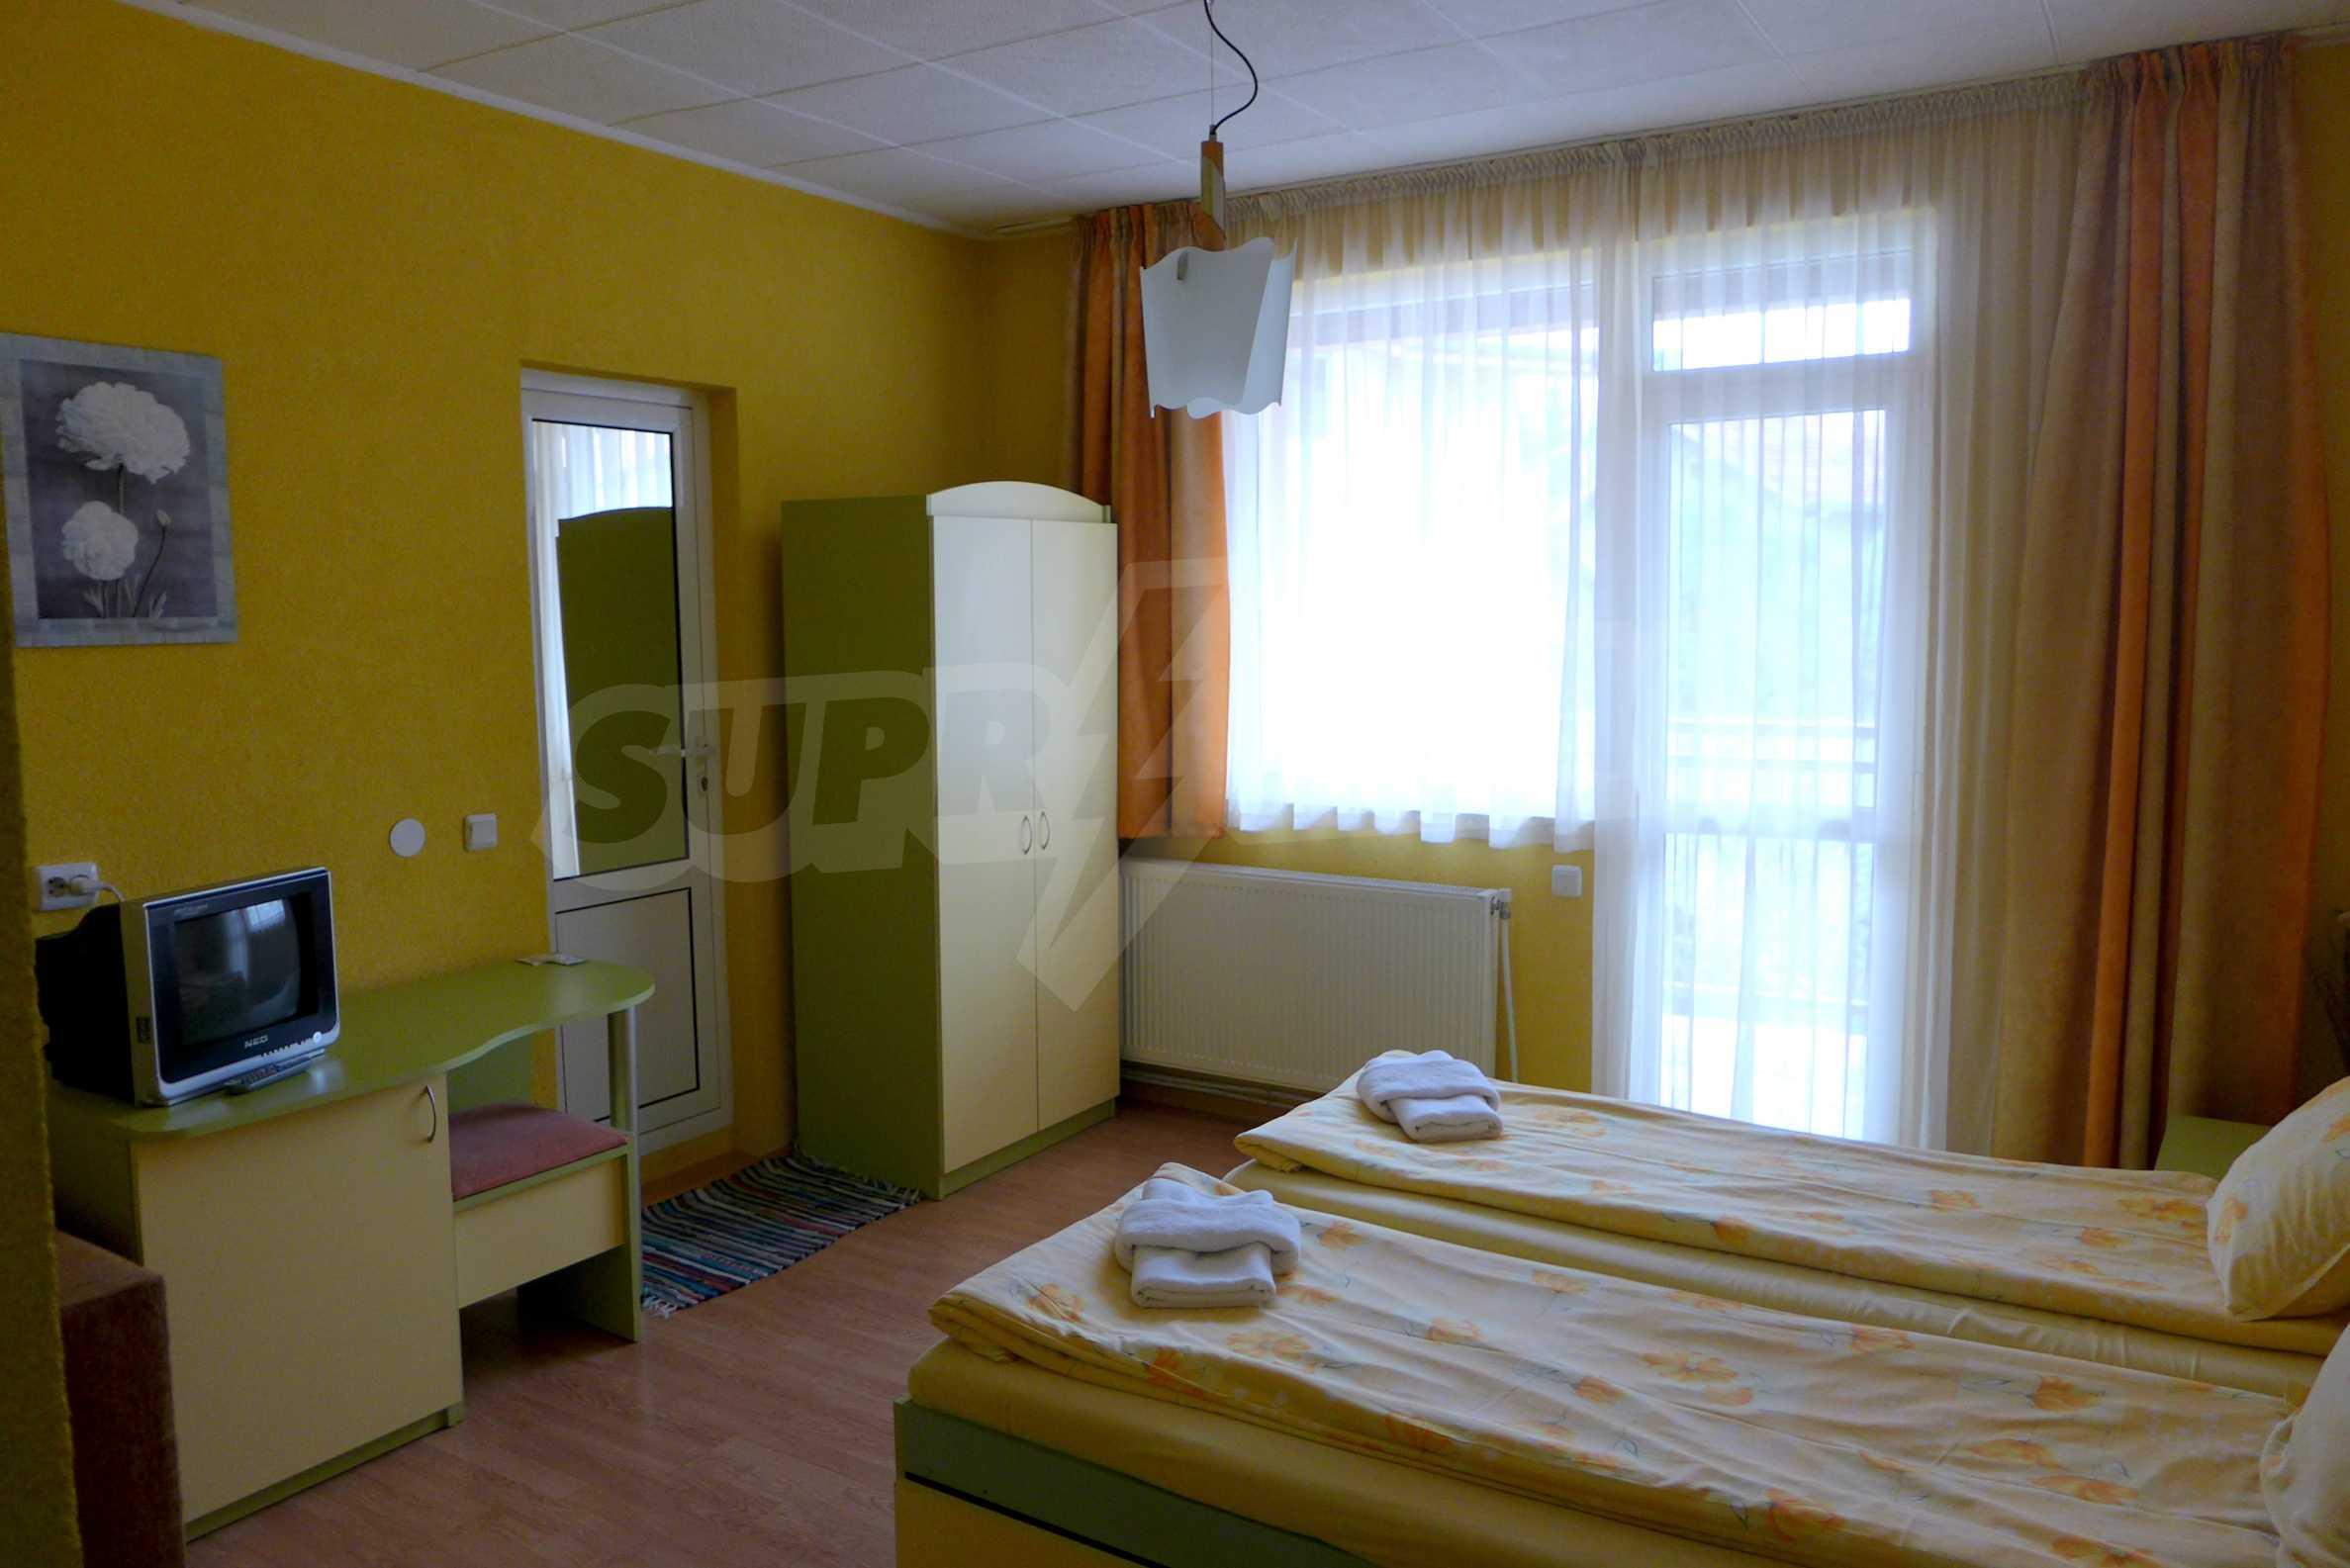 Familienhotel mit Taverne und Schönheitssalon im Kurort Dobrinishte 37